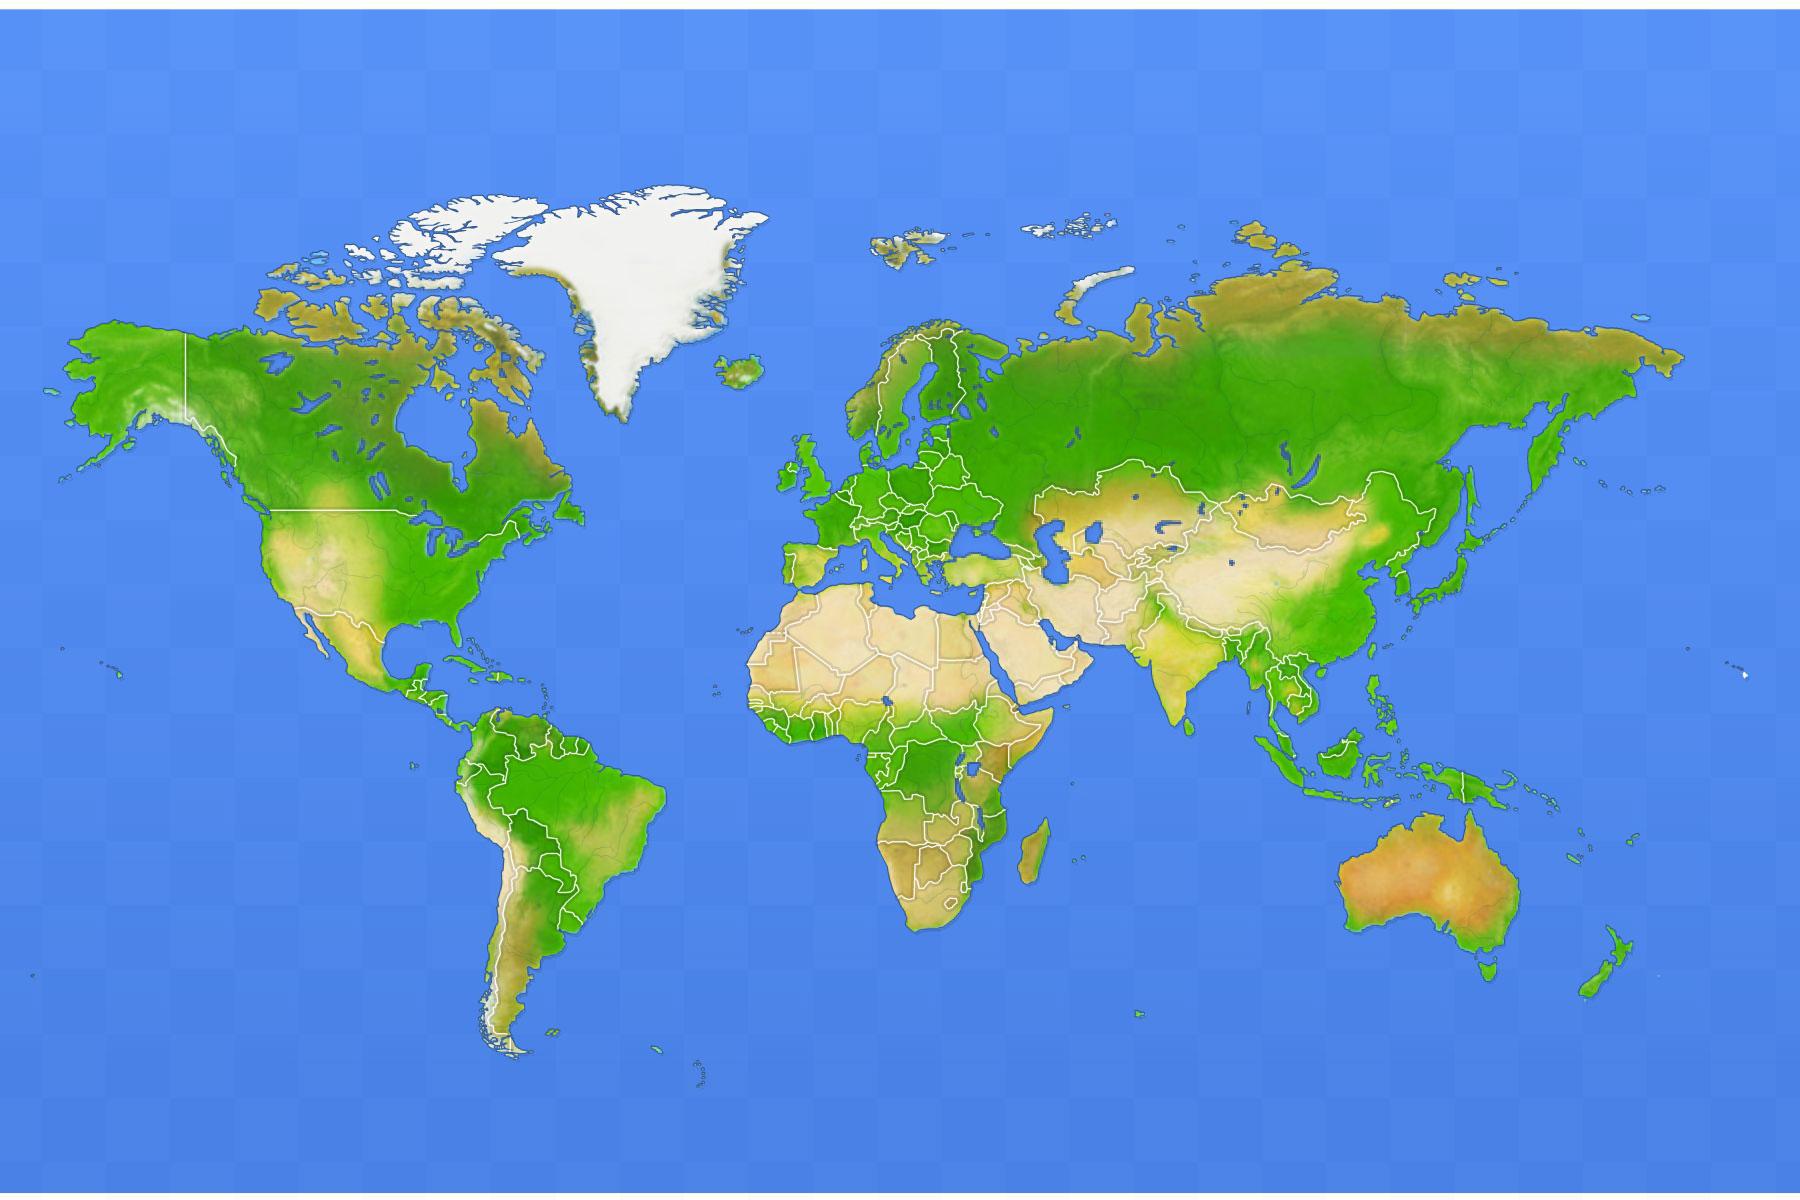 Jeux-Geographiques Jeux Gratuits Jeu Villes Du Monde destiné Pays D Europe Jeux Gratuit